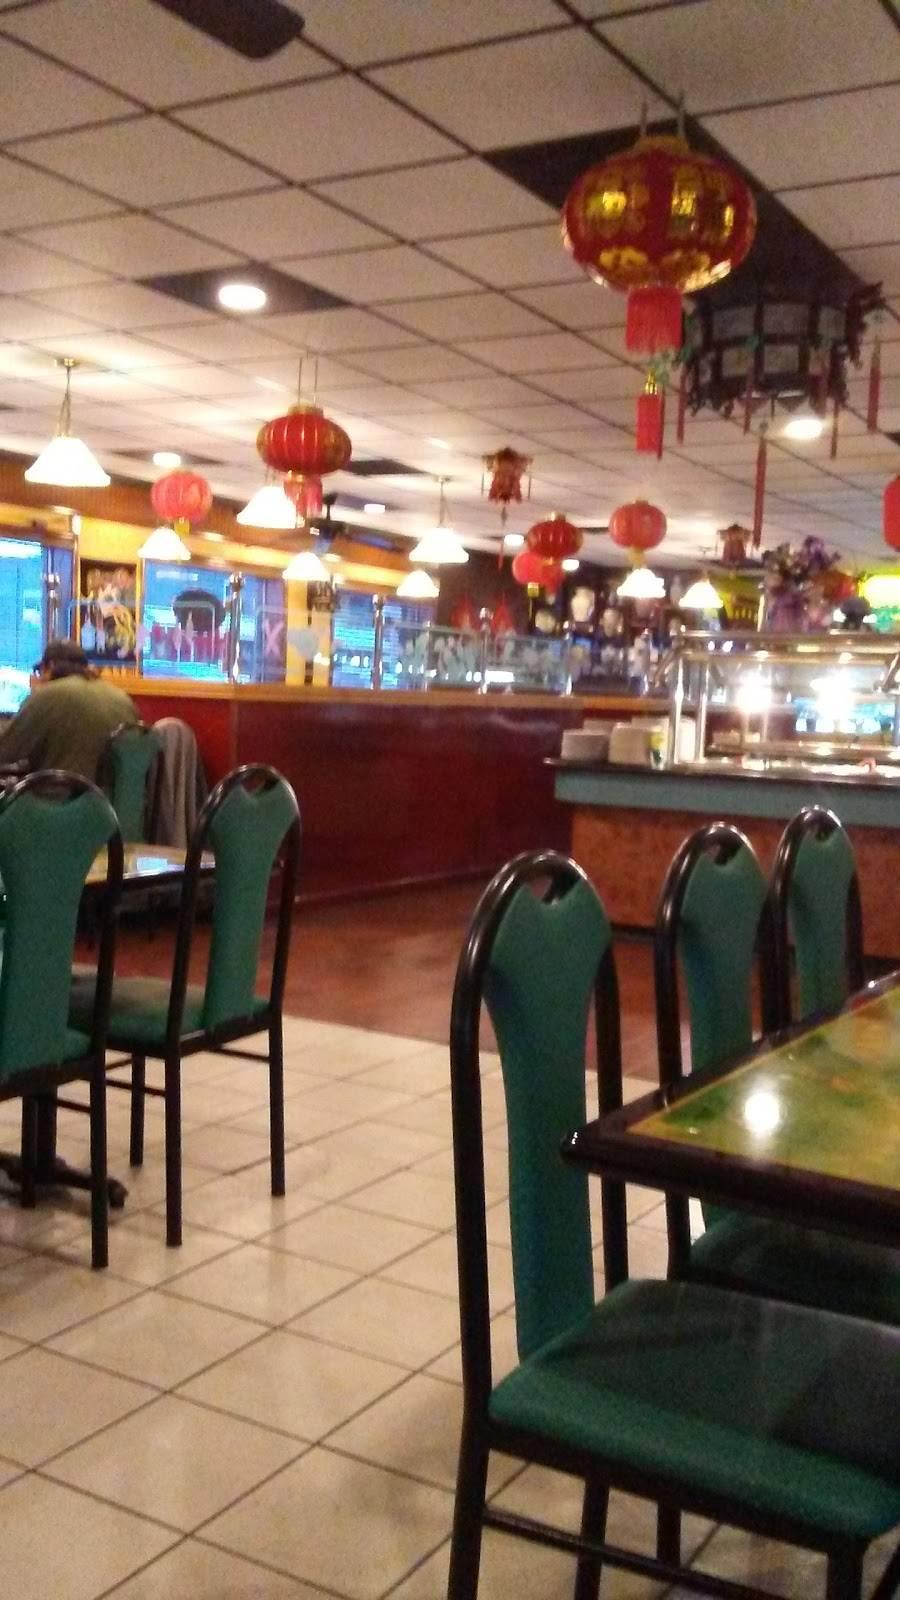 Chinese Kitchen Restaurant | restaurant | 15880 Highland Dr, McKenzie, TN 38201, USA | 7313523888 OR +1 731-352-3888